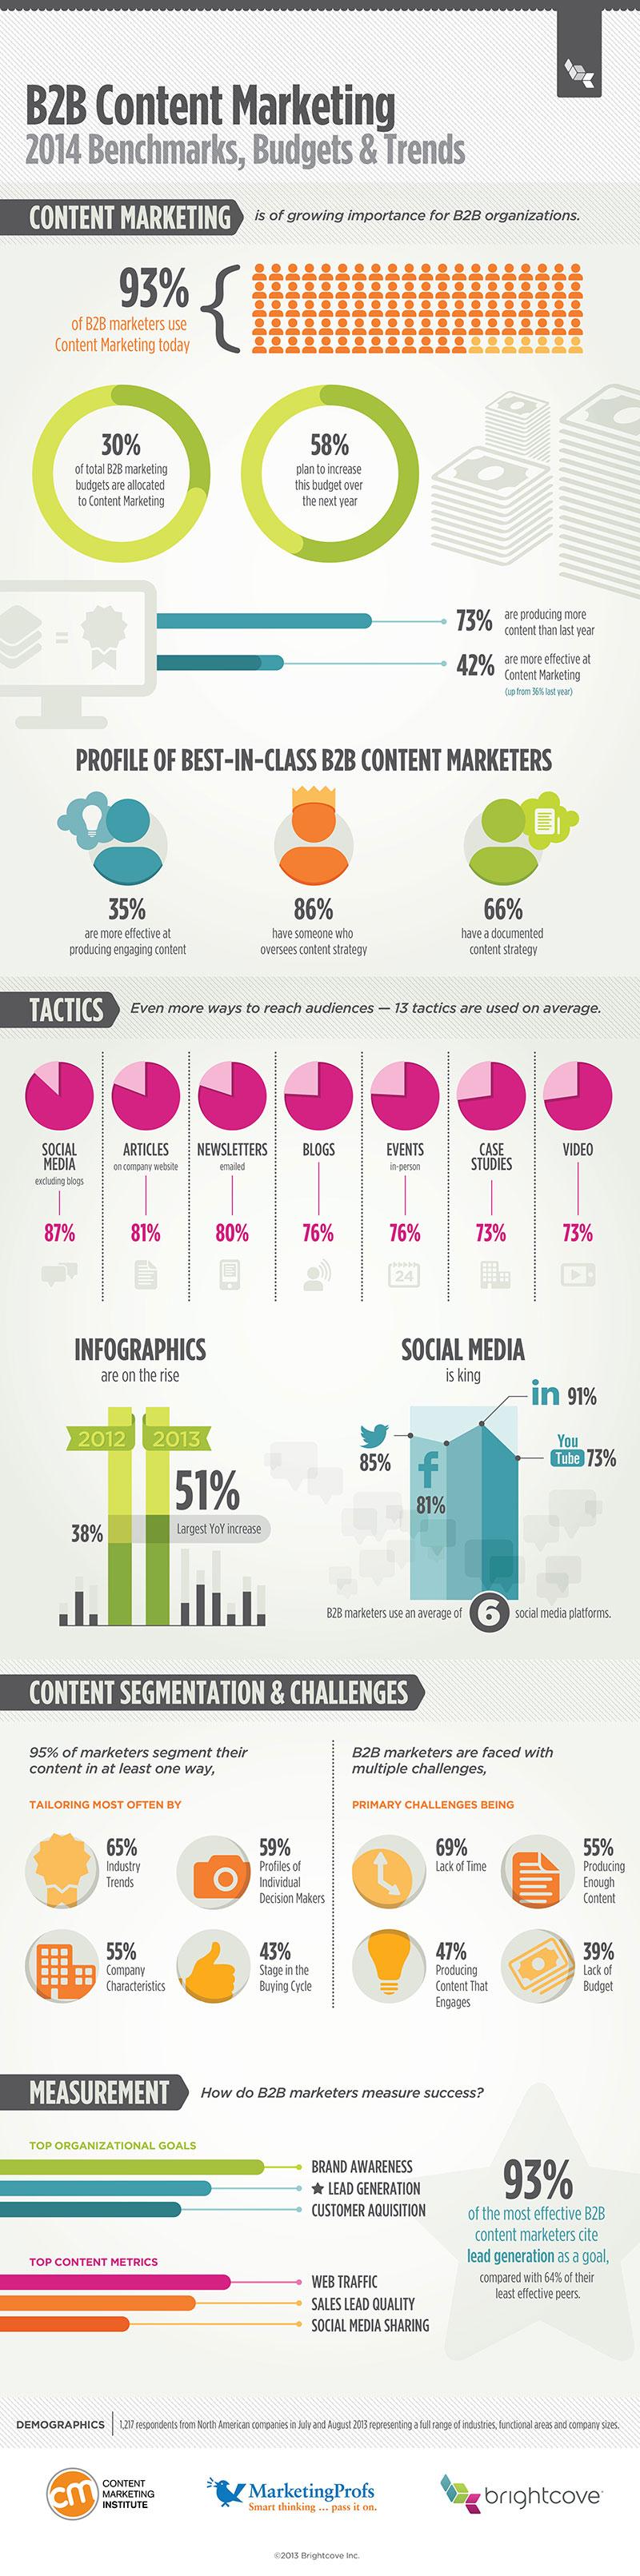 cmi-infographic